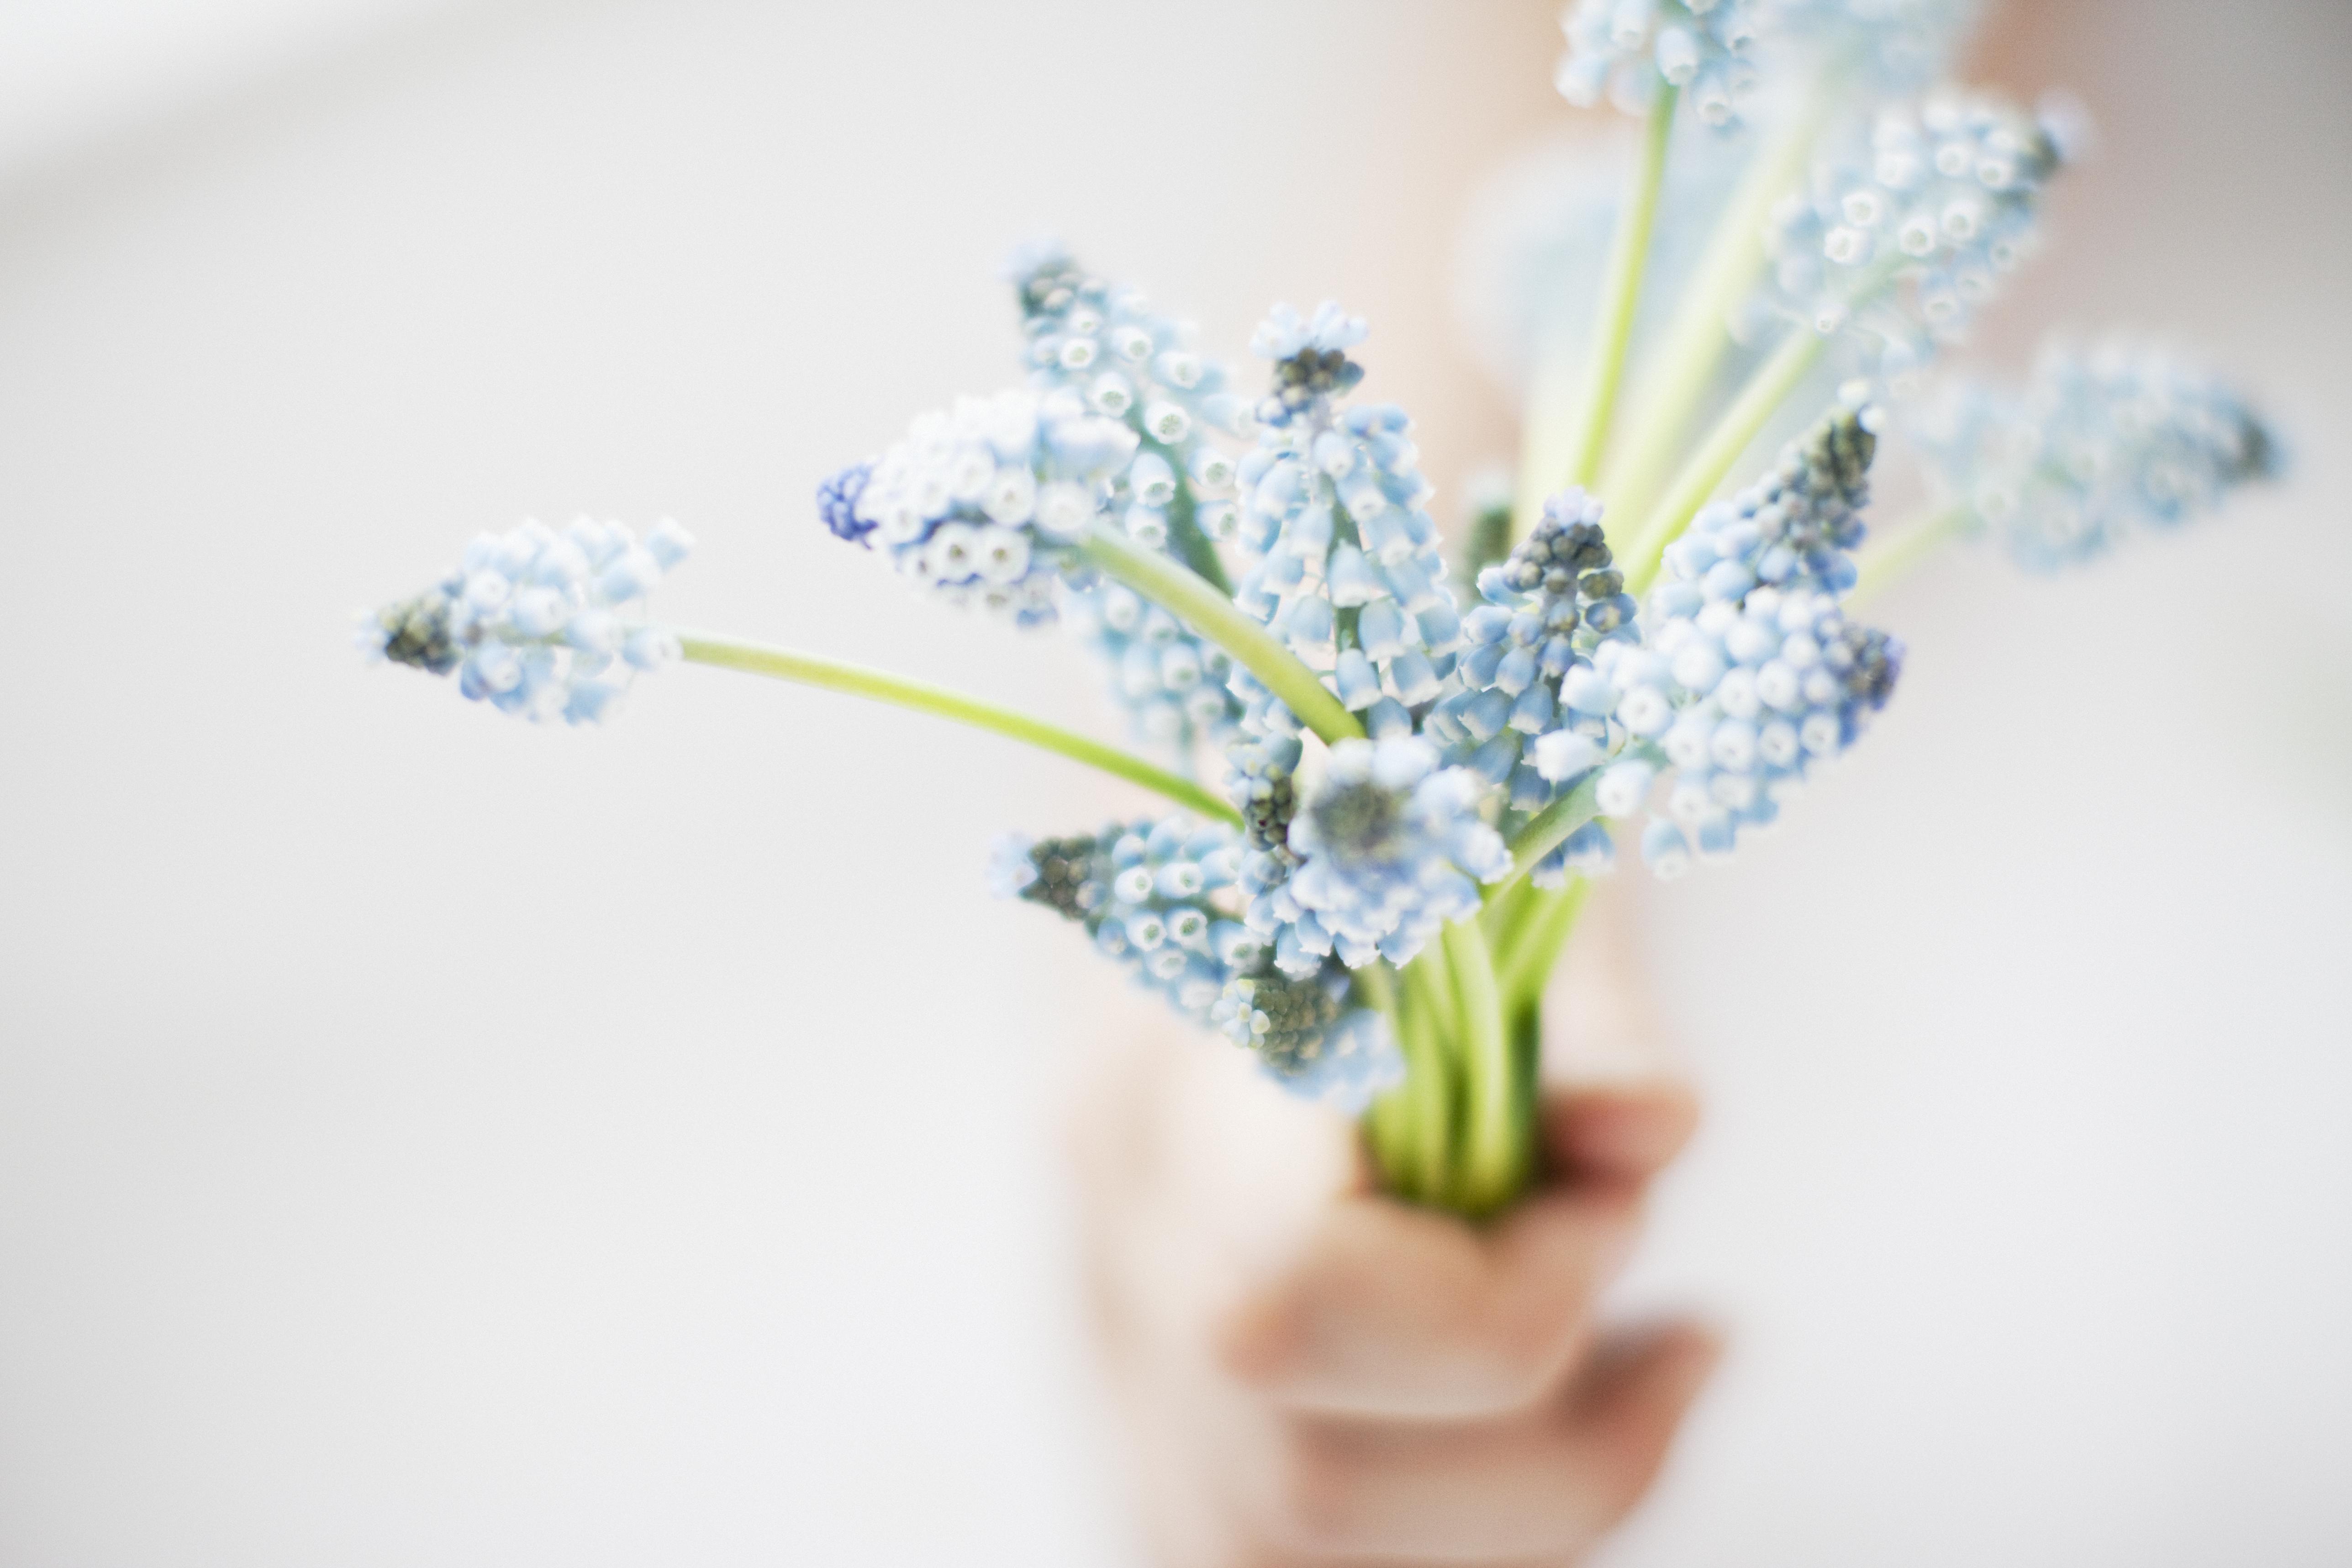 1.ムスカリの素敵な花言葉  ヨーロッパにおいて青い花は悲しみを意味を持つようです。そして、その悲しい気持ちから立ち直るという思いを、「夢にかける思い」、「明るい未来」と表現したと言われています。春に咲く小さく凛とした姿から、そんな素敵な花言葉を持っているムスカリ。春に飾りたい花のひとつです。  2.ムスカリのふんわりとした春の香り ムスカリの名前の語源は、「ムスク」に香りが似ていることからつけられたそうです!  ムスクとはジャコウジカの雄からとる 香りを付けるための原料のこと。たしかに、良い香りがしますよね。ピンと伸びた姿は見ていて、とても癒されます。このムスカリの香りと姿に魅了される方は多いのではないでしょうか。   3.ムスカリの色合いが可愛らしい 花の色はコバルトブルー、白、青紫色、群青色、水色などなど。春らしい淡い色から濃い青や紫までいます。そんな色合いやサイズから、なんだか小人が育てていそうな雰囲気の可愛い花です。